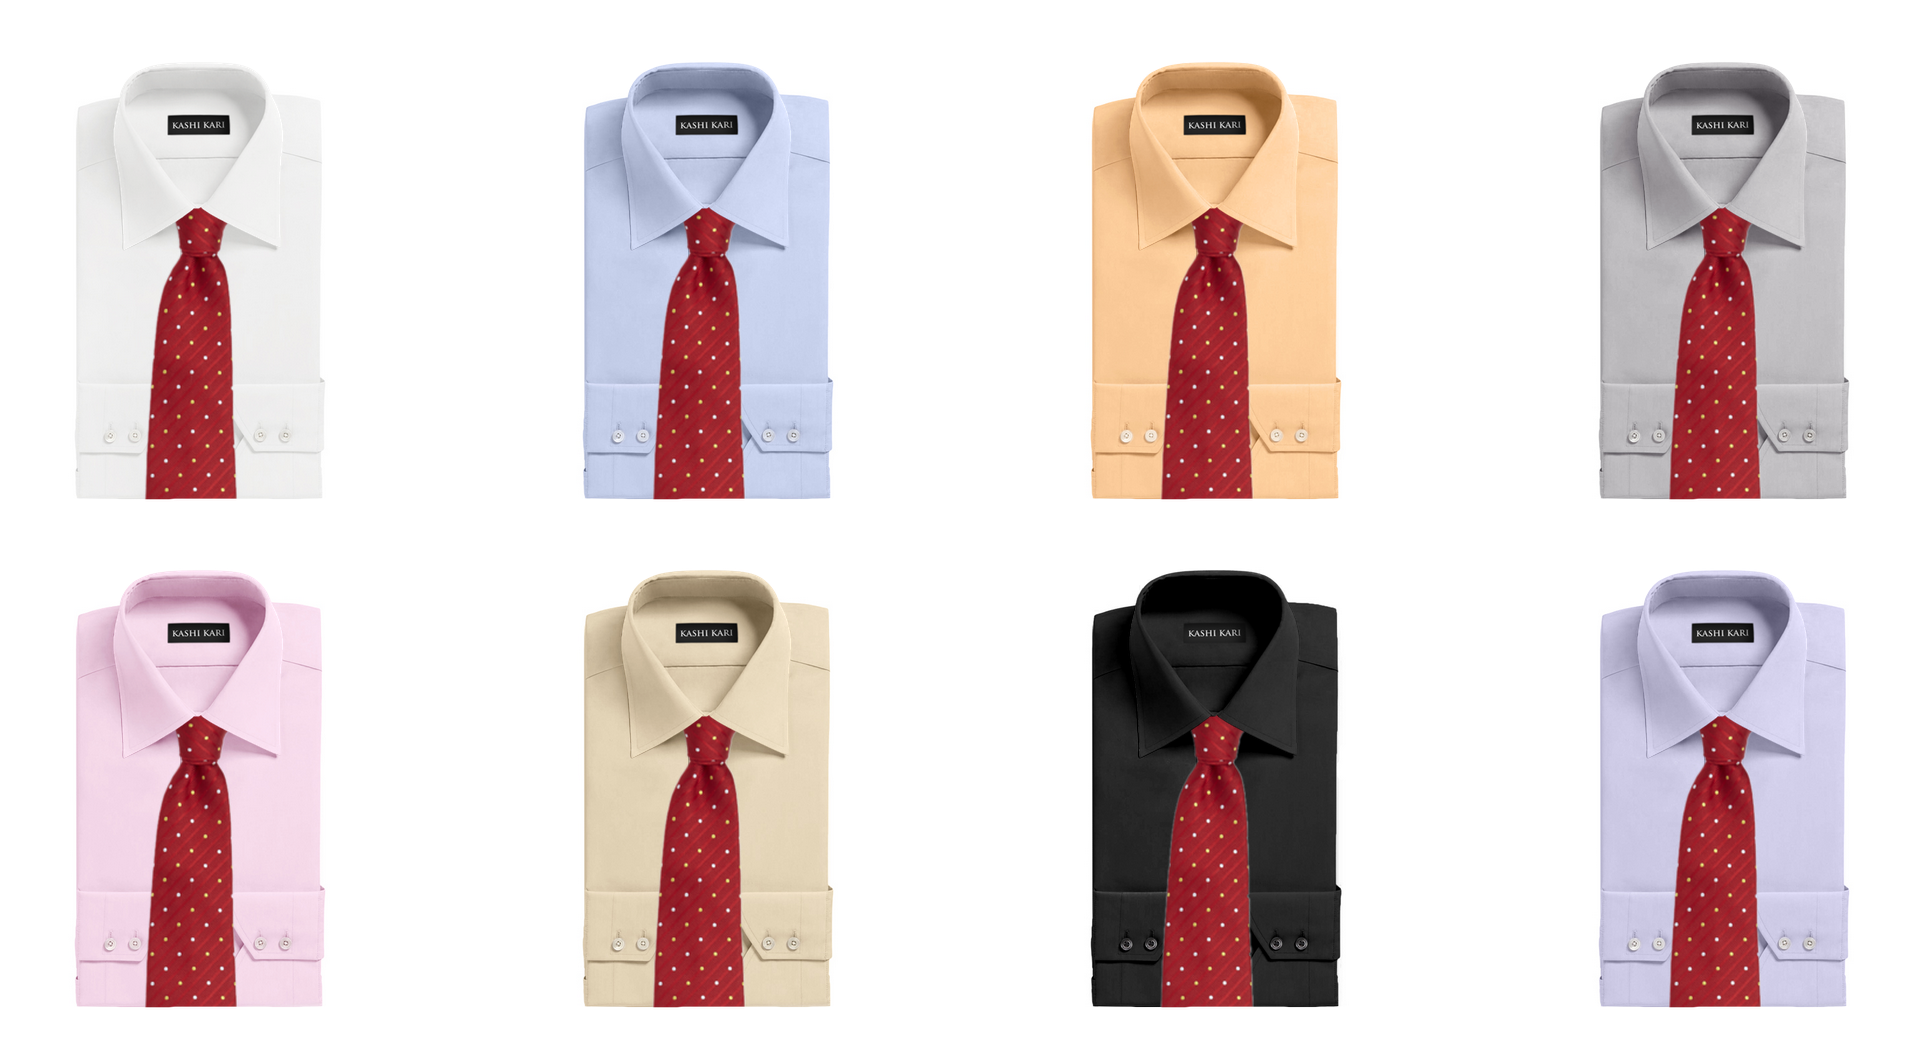 レッド(赤)ネクタイと無地シャツの着こなし・組み合わせ